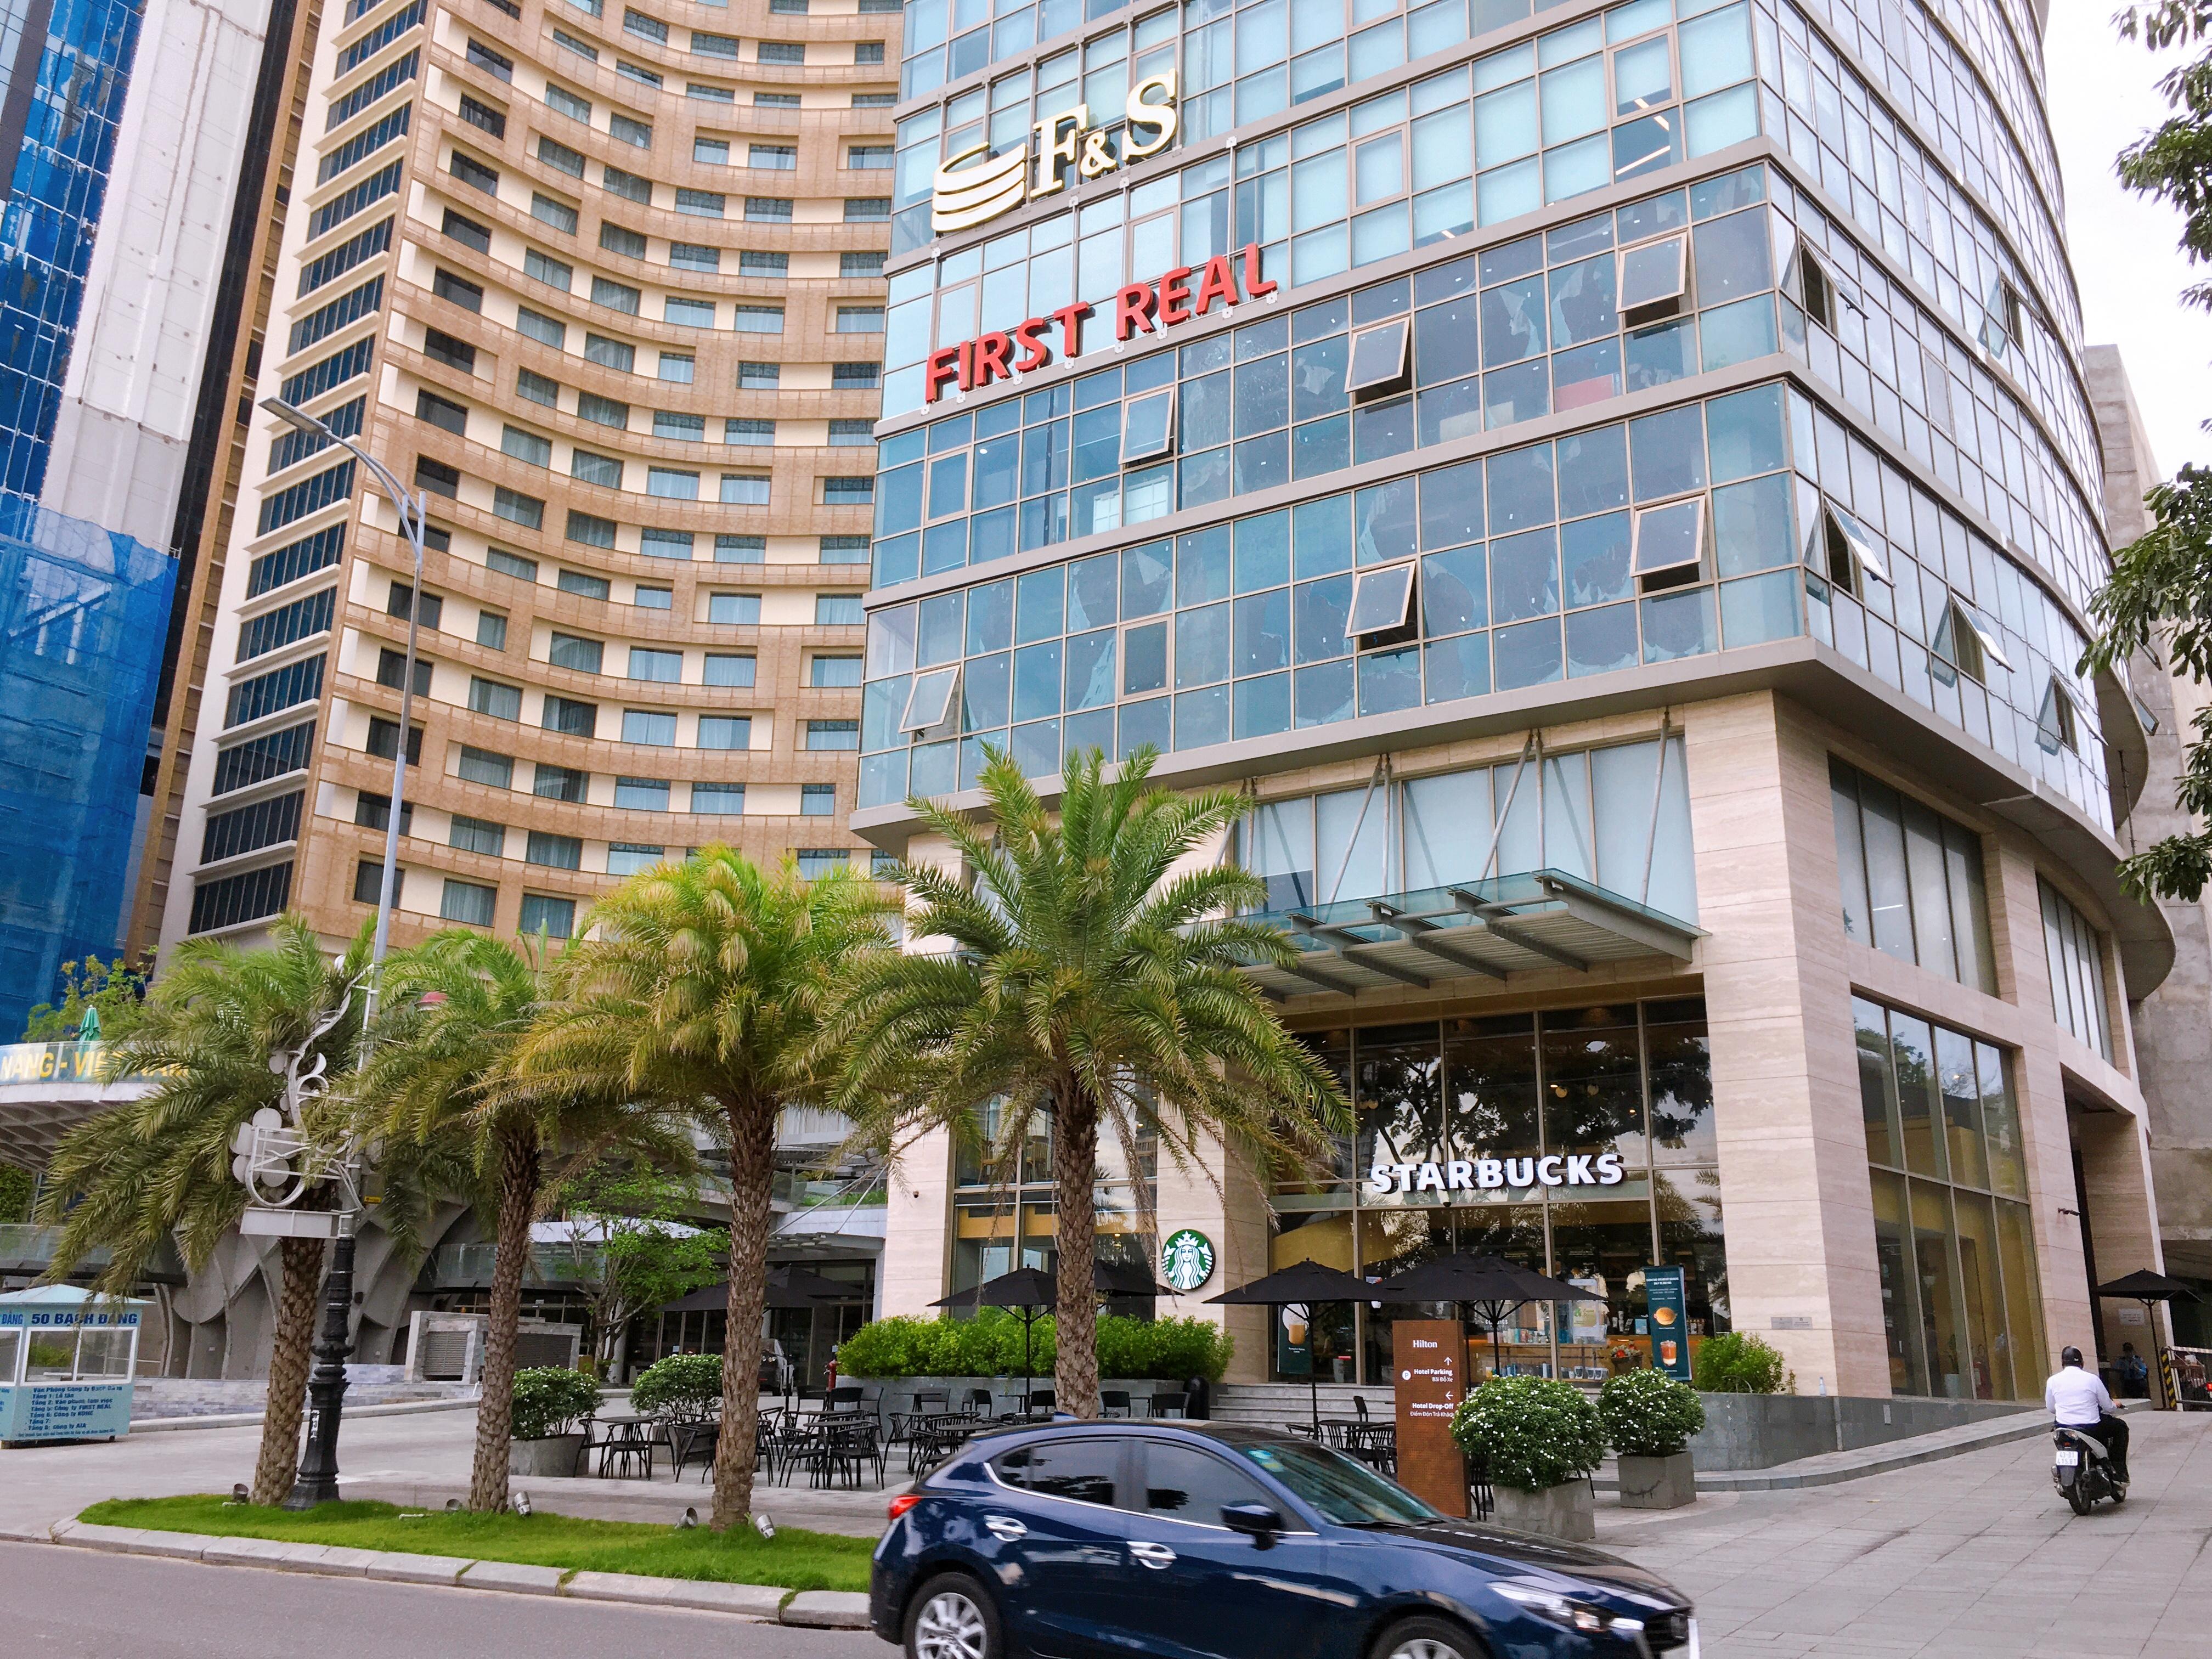 Những tòa nhà văn phòng cho thuê hái ra tiền ở Đà Nẵng bất chấp dịch COVID-19 - Ảnh 1.